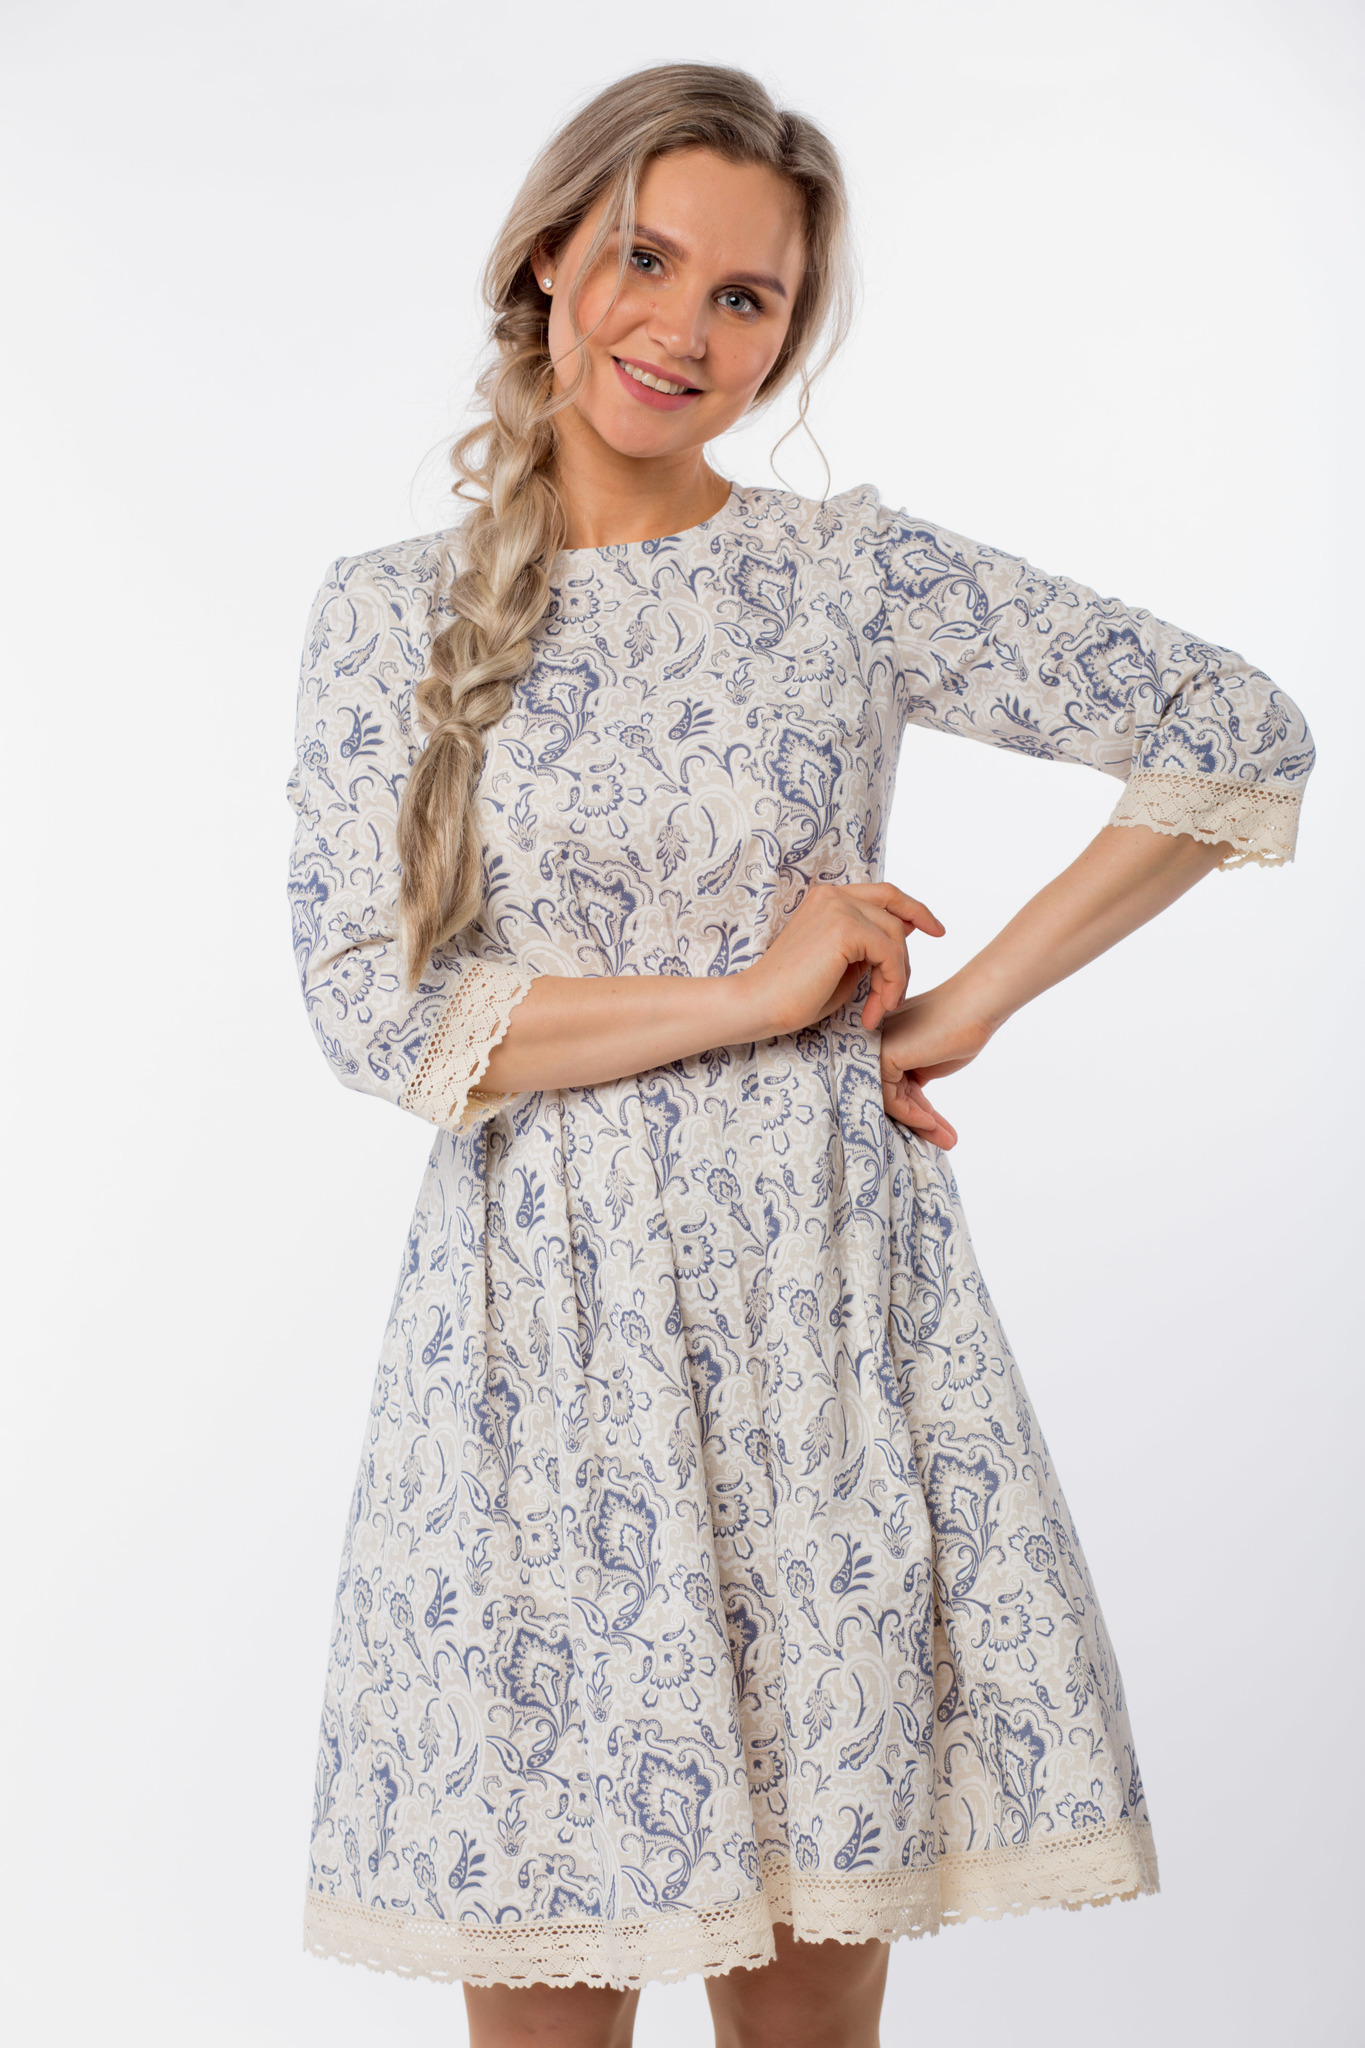 Платье льняное Первоцвет приближенный фрагмент